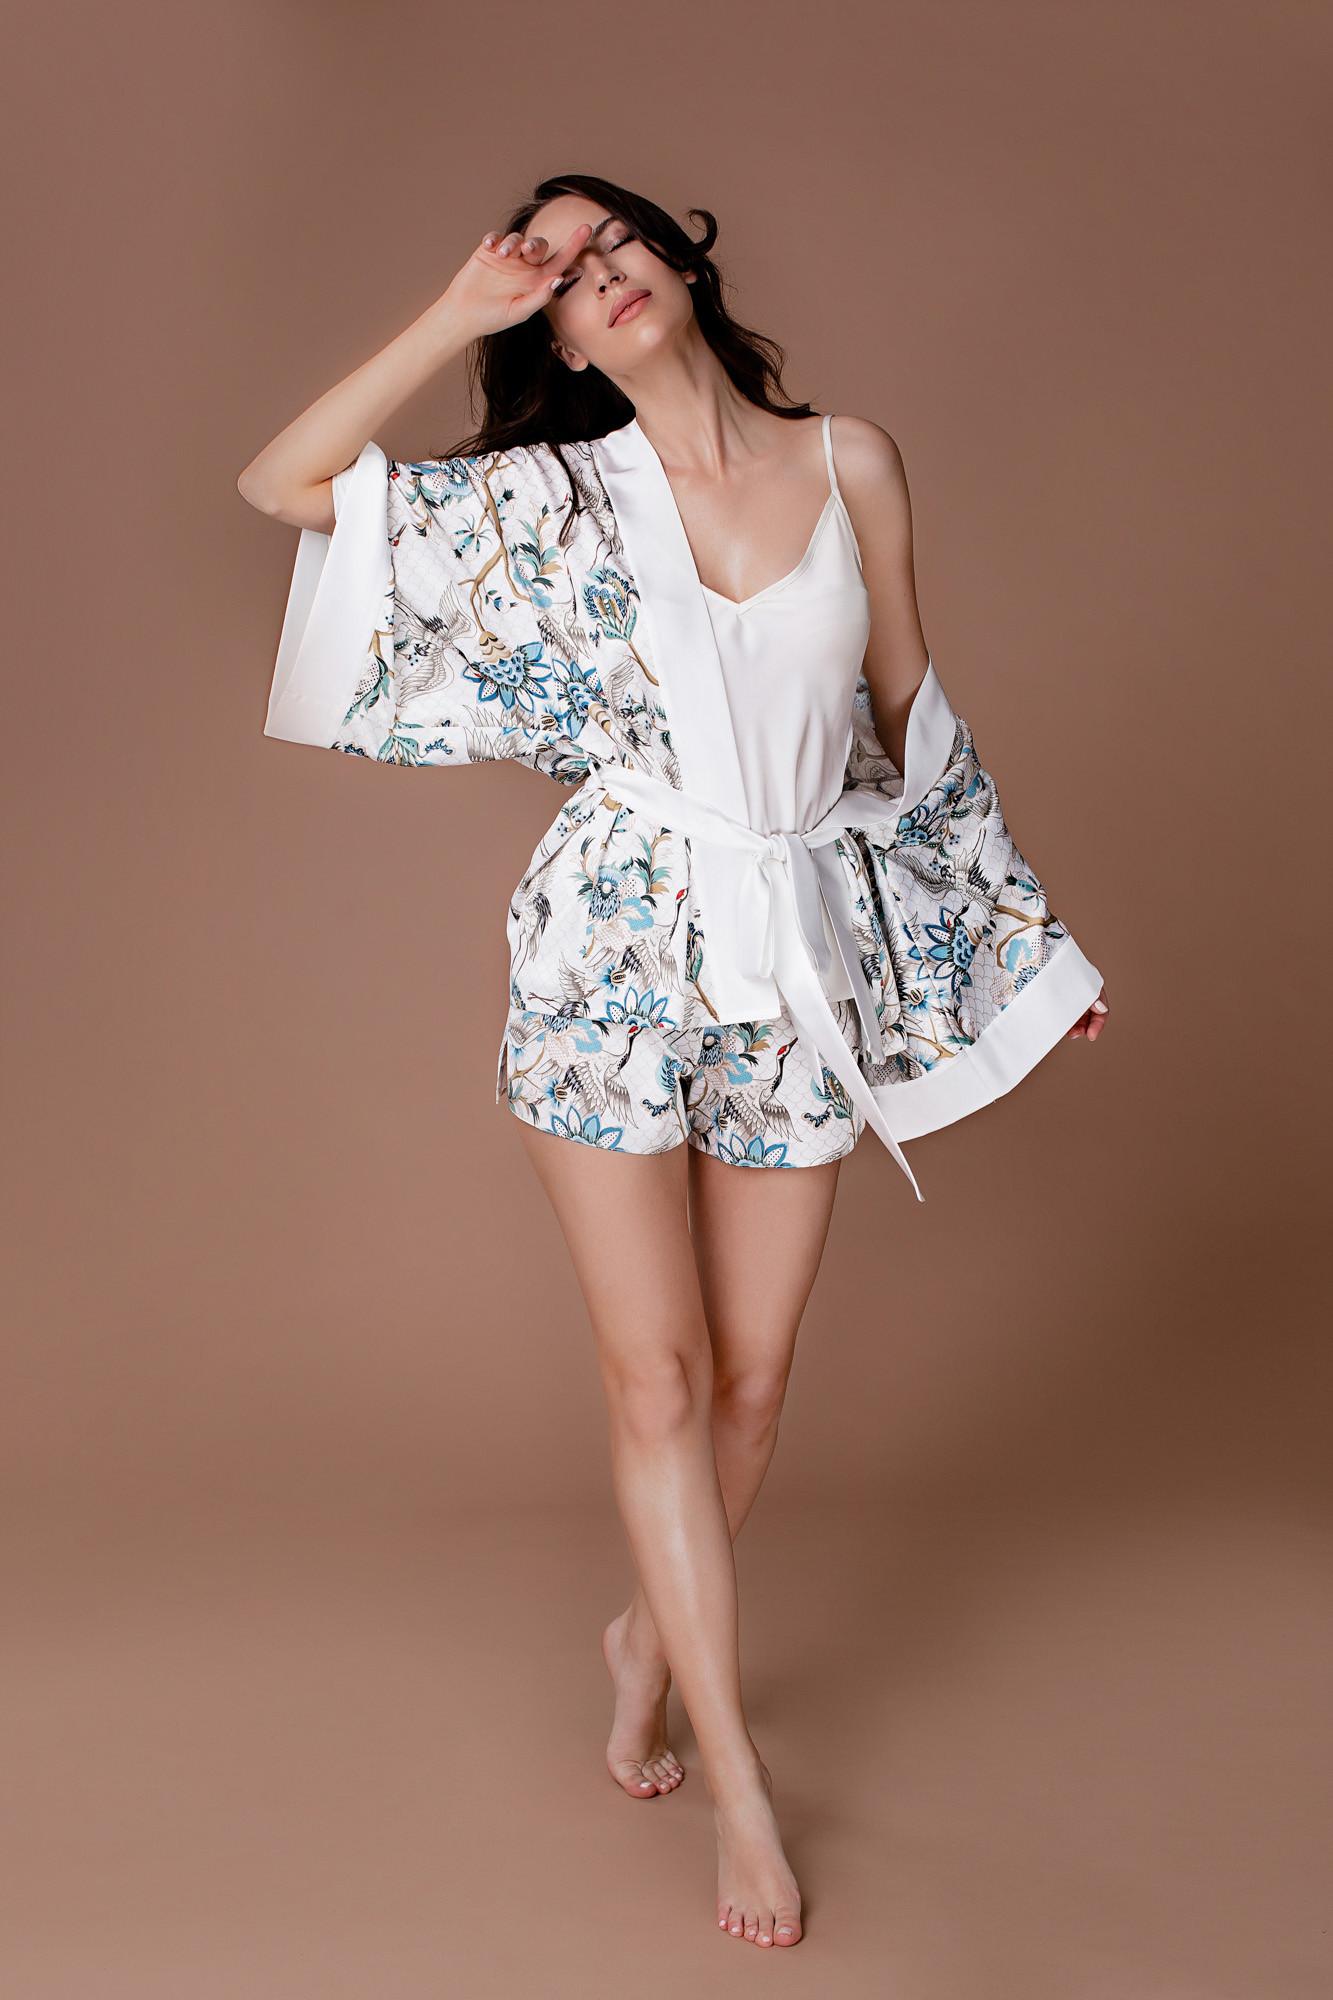 Piżama z narzutą i krótkimi spodenkami biała Sunshine - Endorfinella